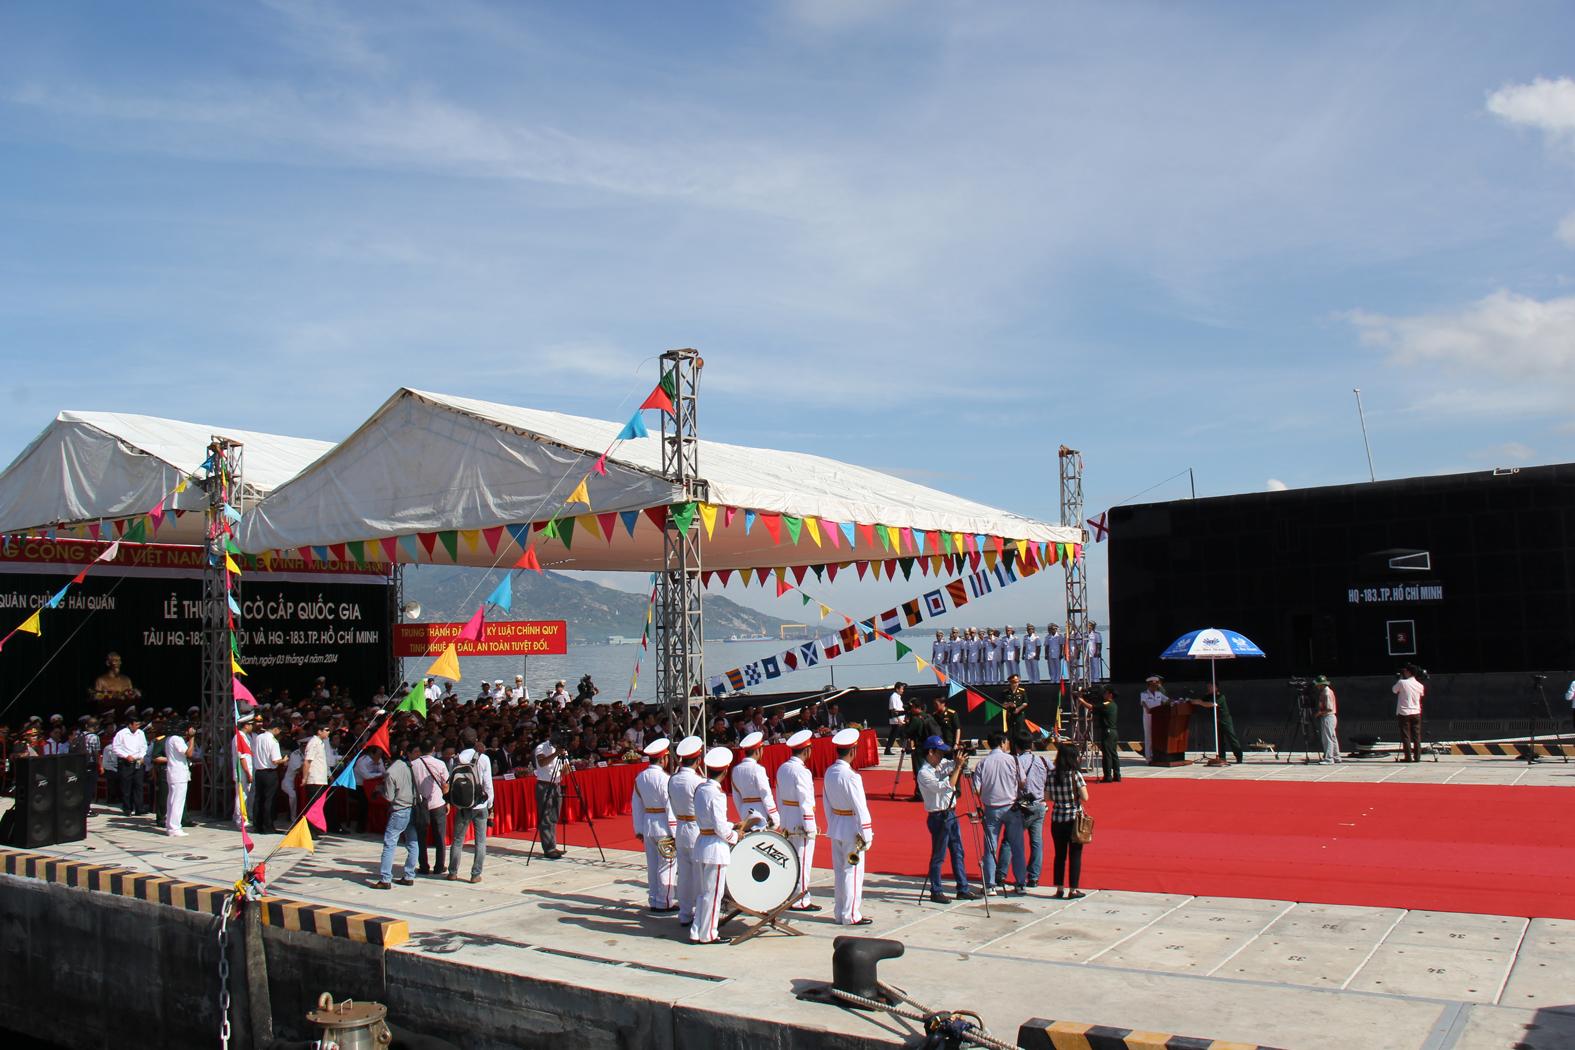 Toàn cảnh buổi lễ chụp từ tàu HQ-182 Hà Nội